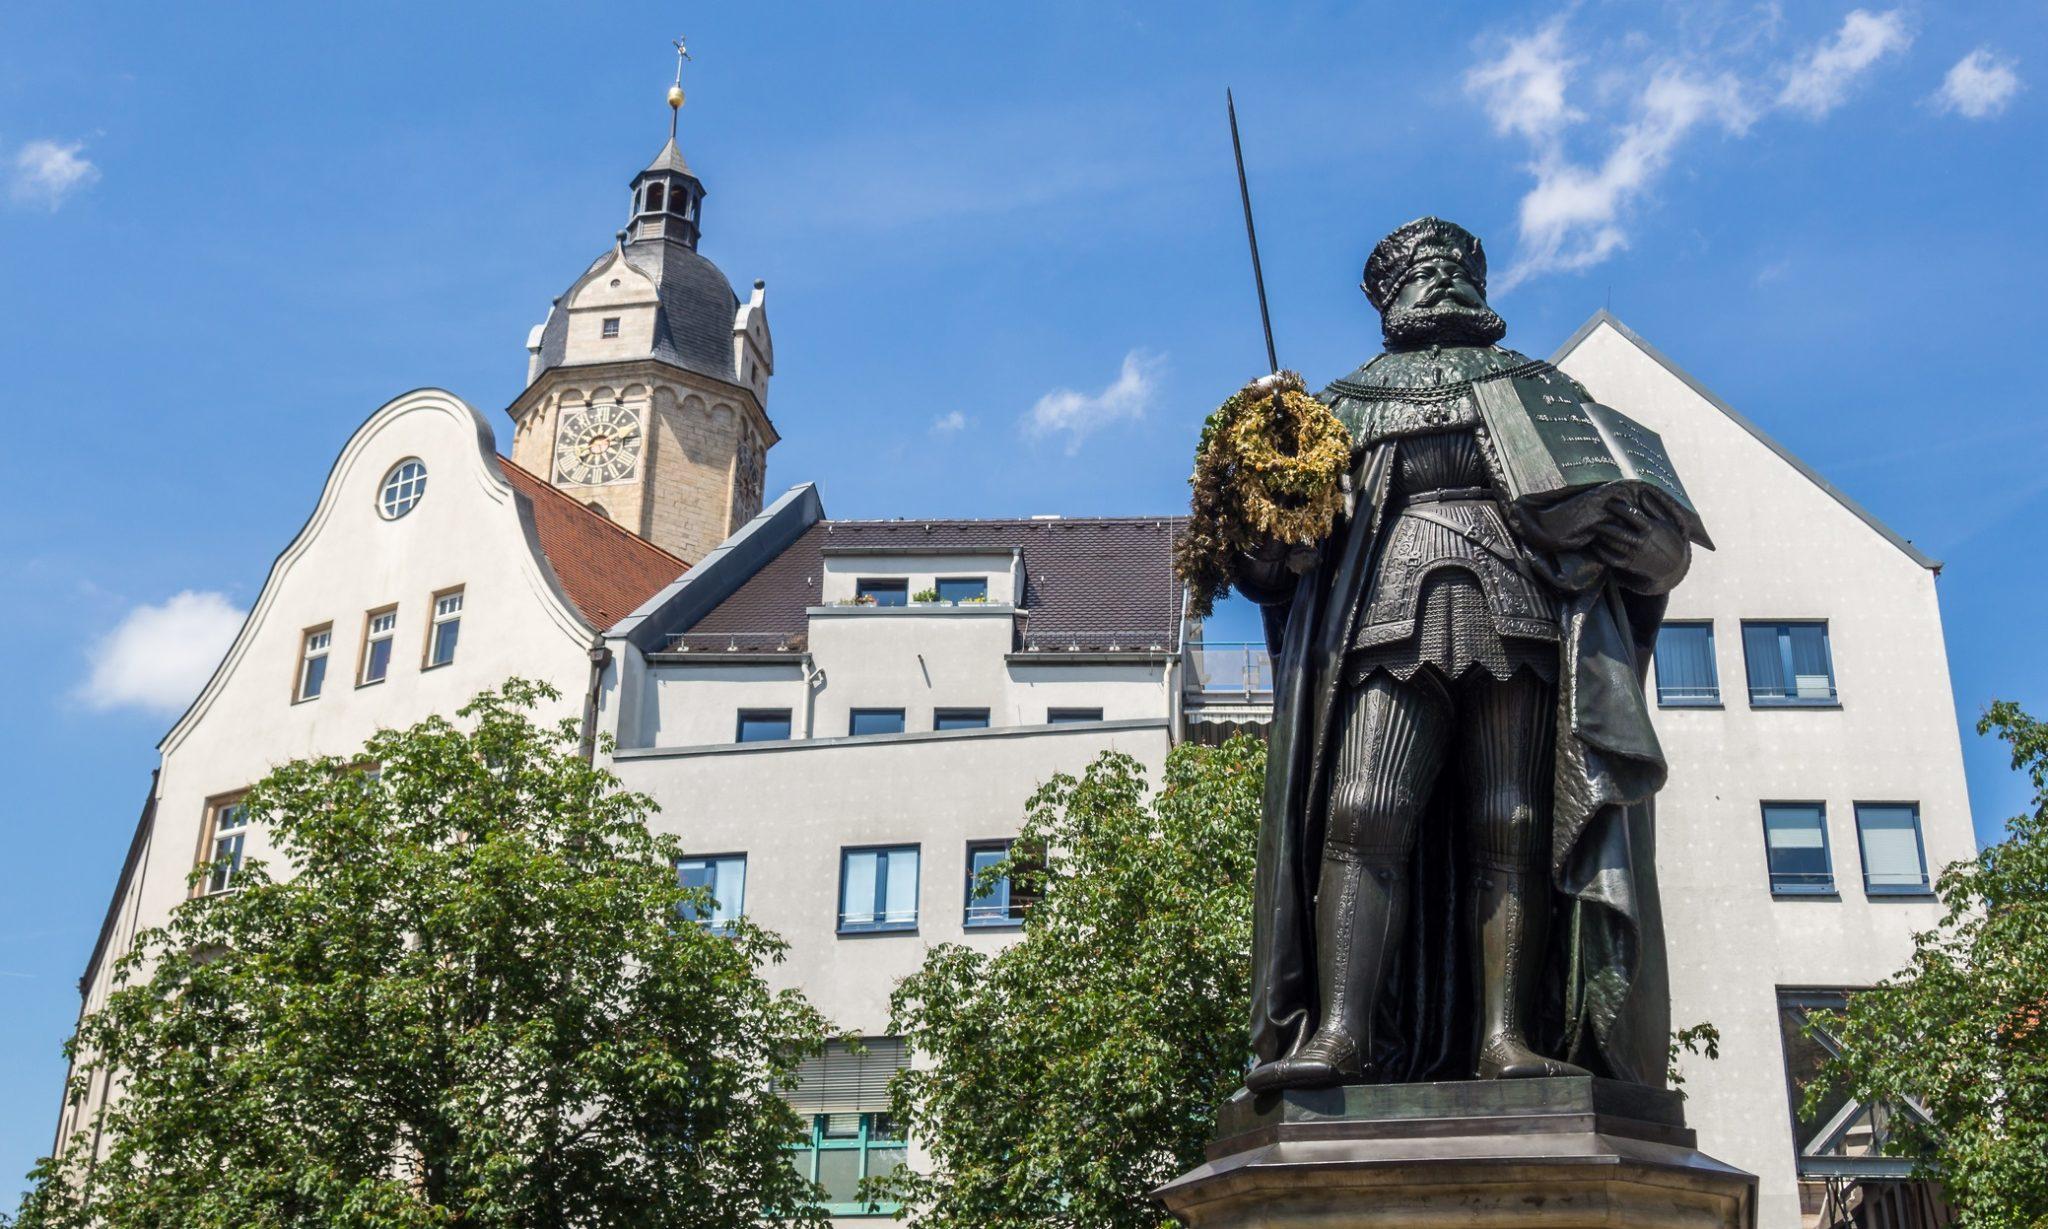 Haushaltsauflösung und Entrümpelung in Jena